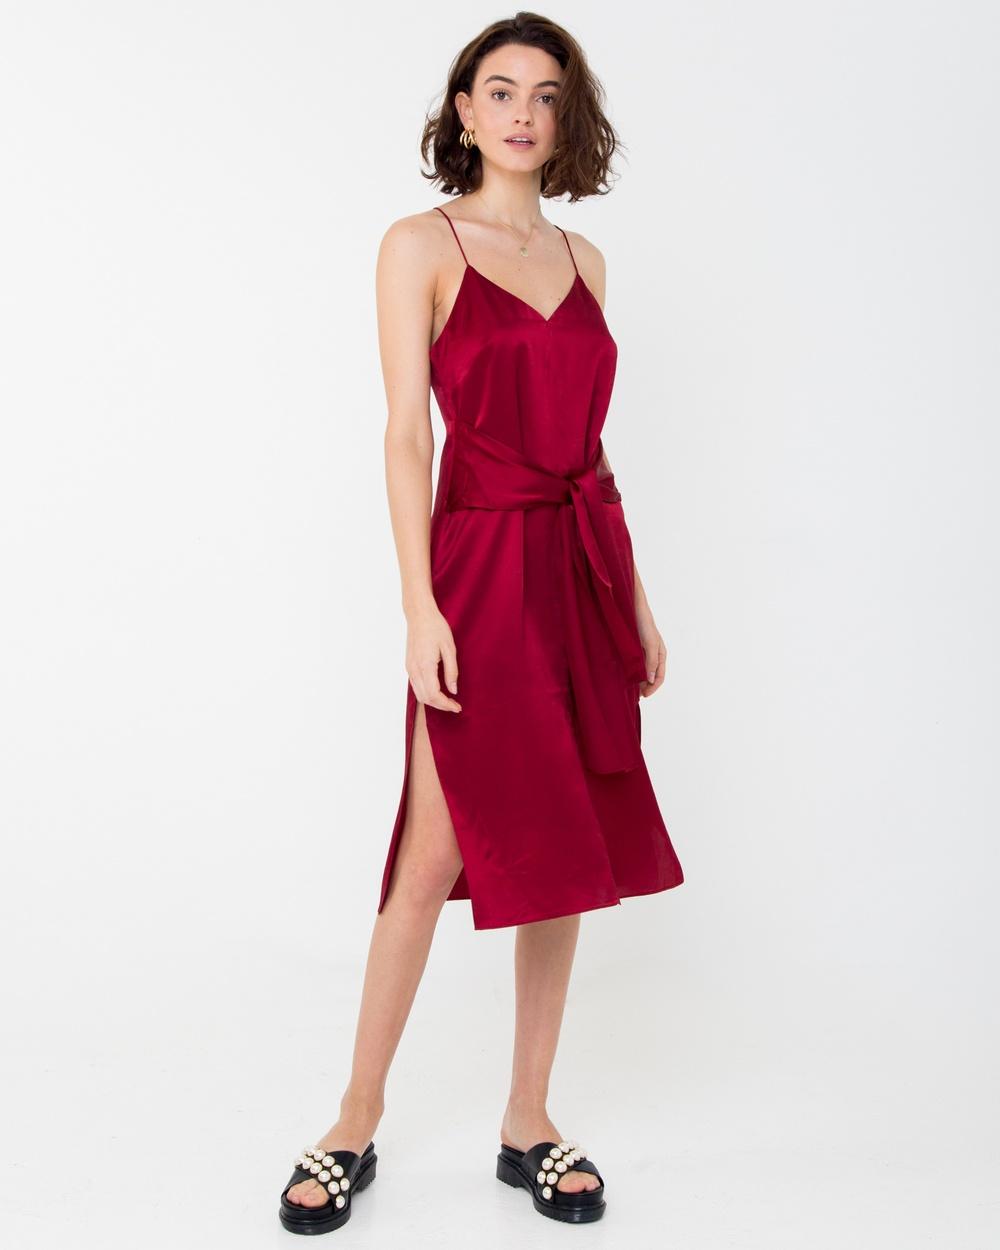 Carver Elle Midi Dress Bridesmaid Dresses Red Elle Midi Dress